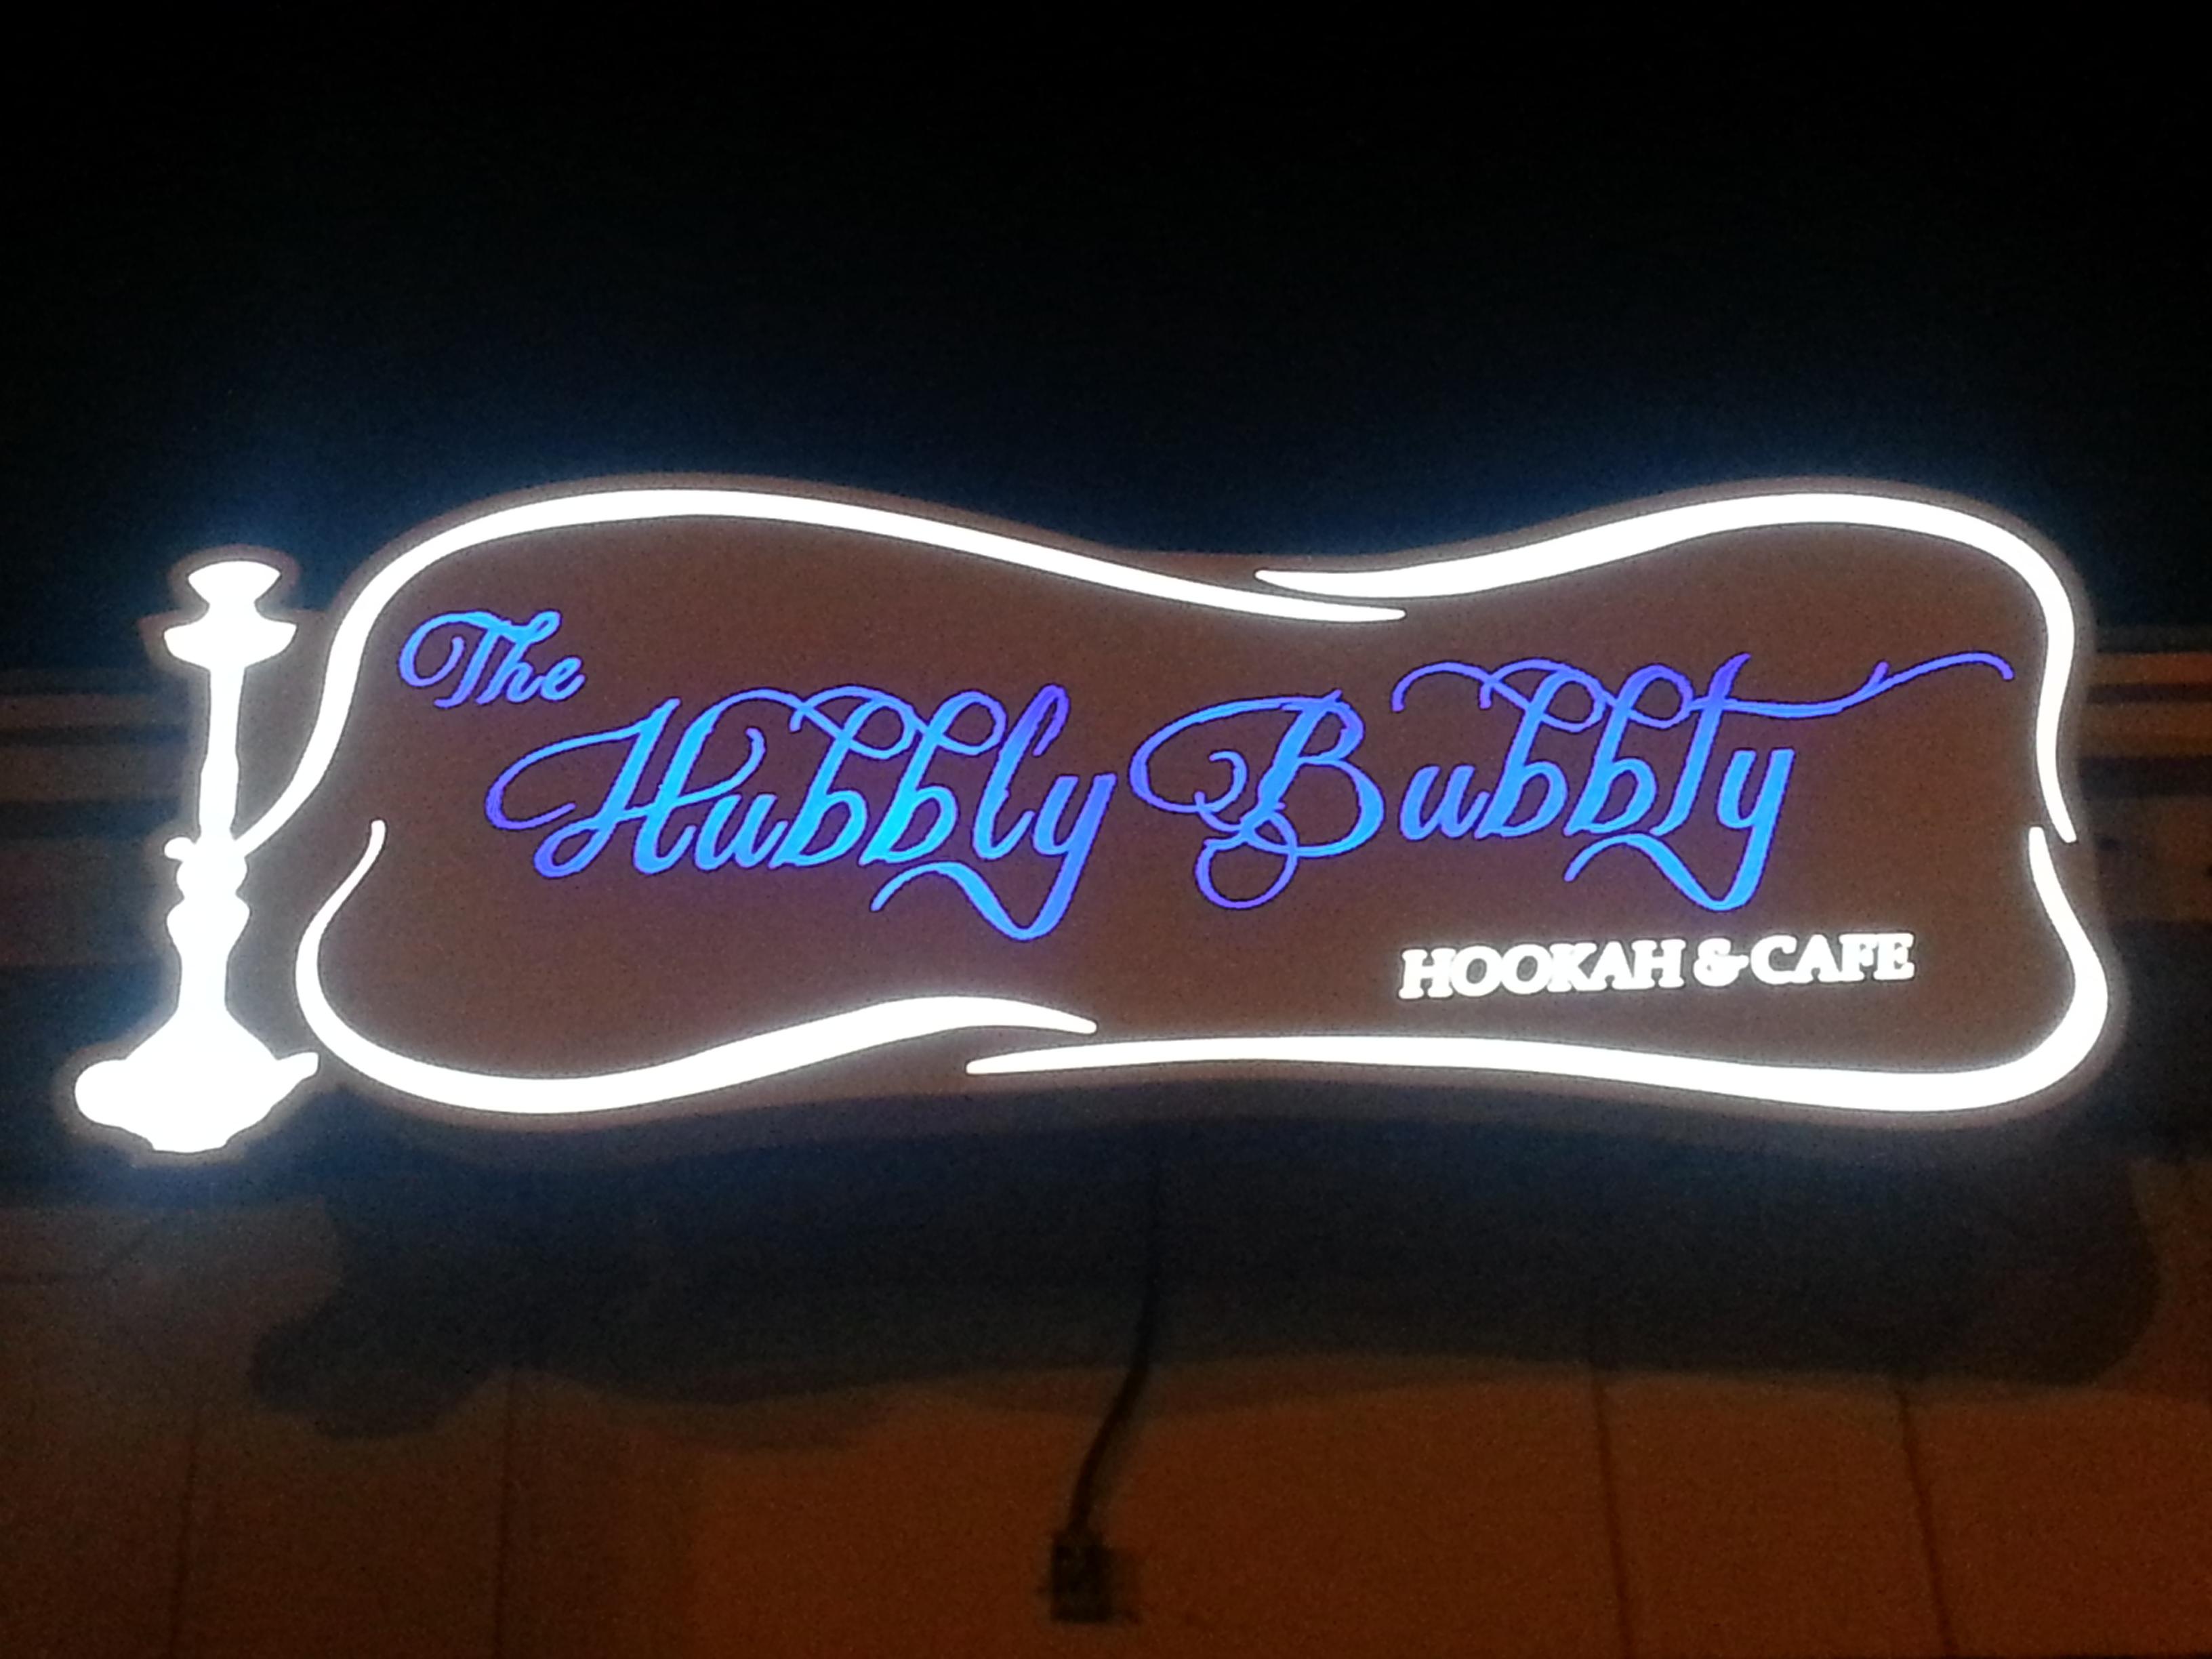 Hubbly bubbly hookah cafe